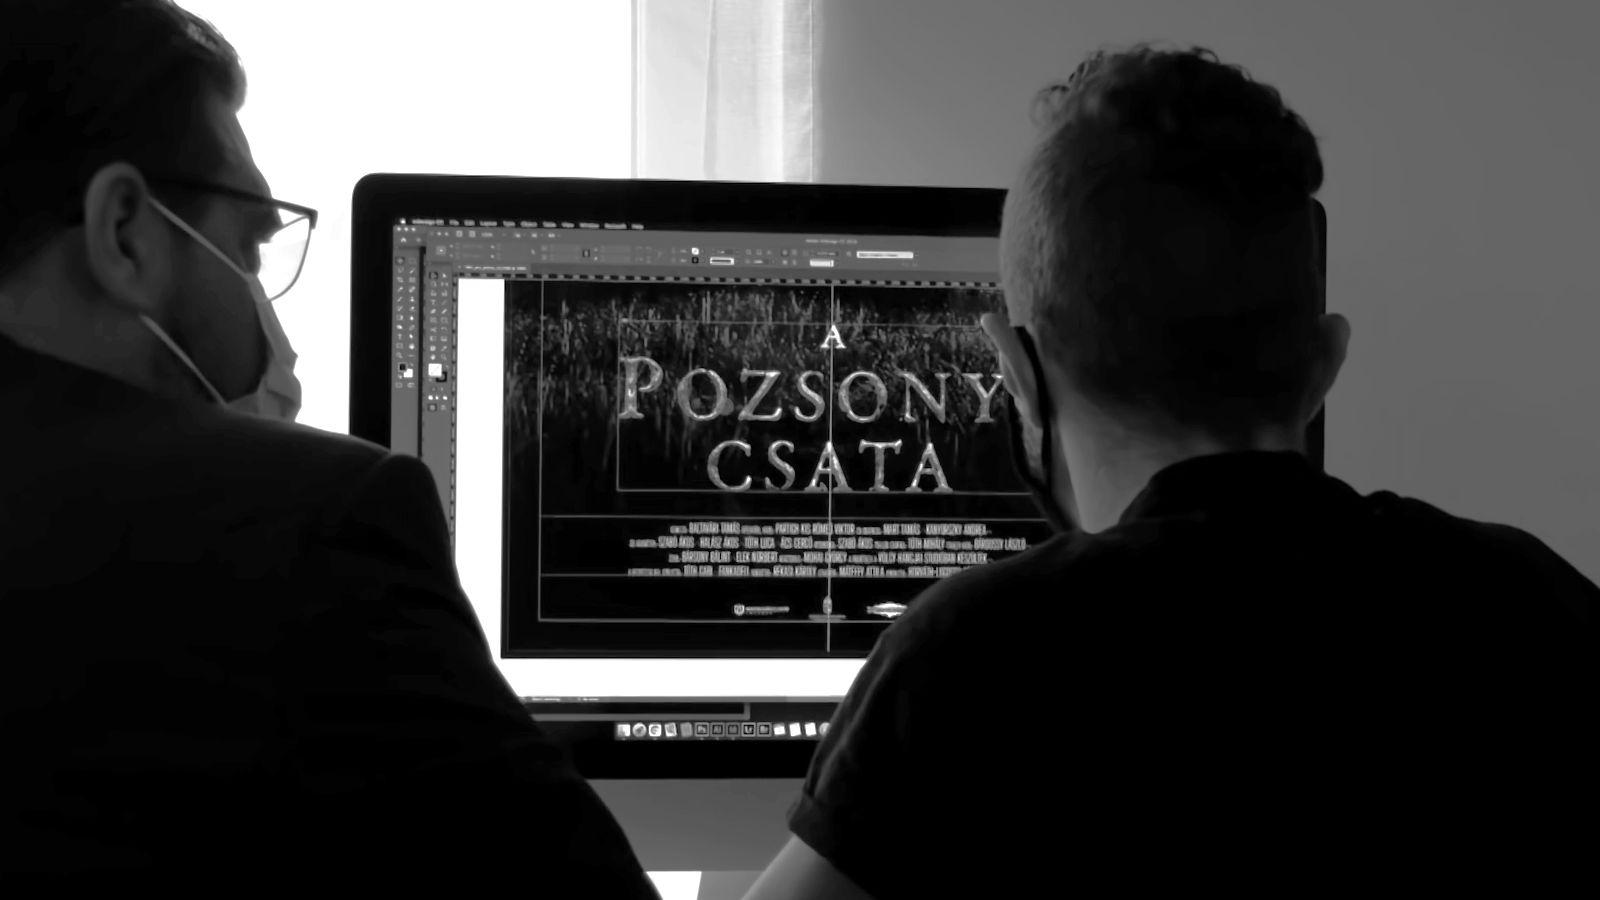 Cáfolat: nem úgy volt a pozsonyi csatás film szakértője a feltüntetett néprajzkutató